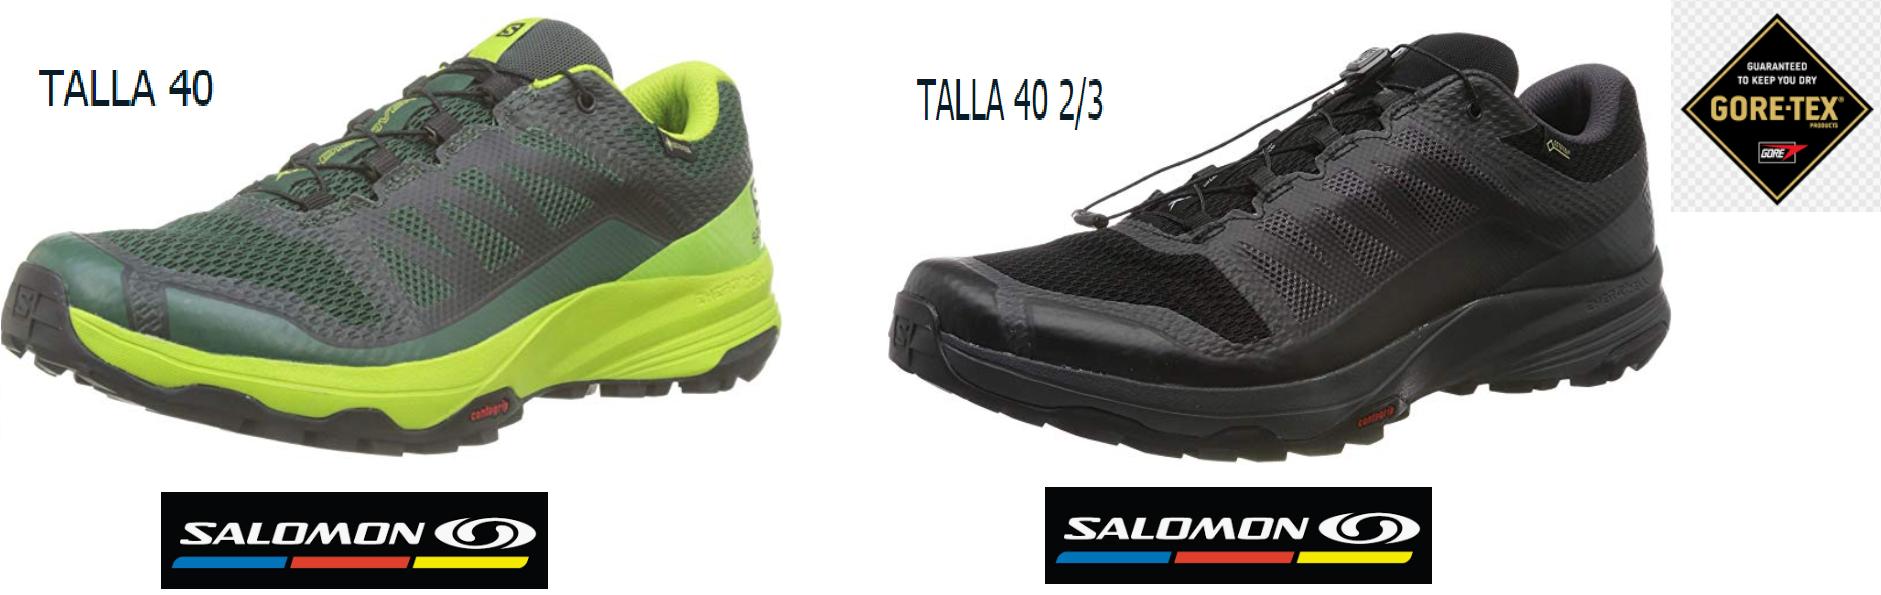 (TALLAS - NEGRO 40 2/3 - VERDE 40) - Salomon XA Discovery Gore-tex, Zapatillas de Trail Running para Hombre